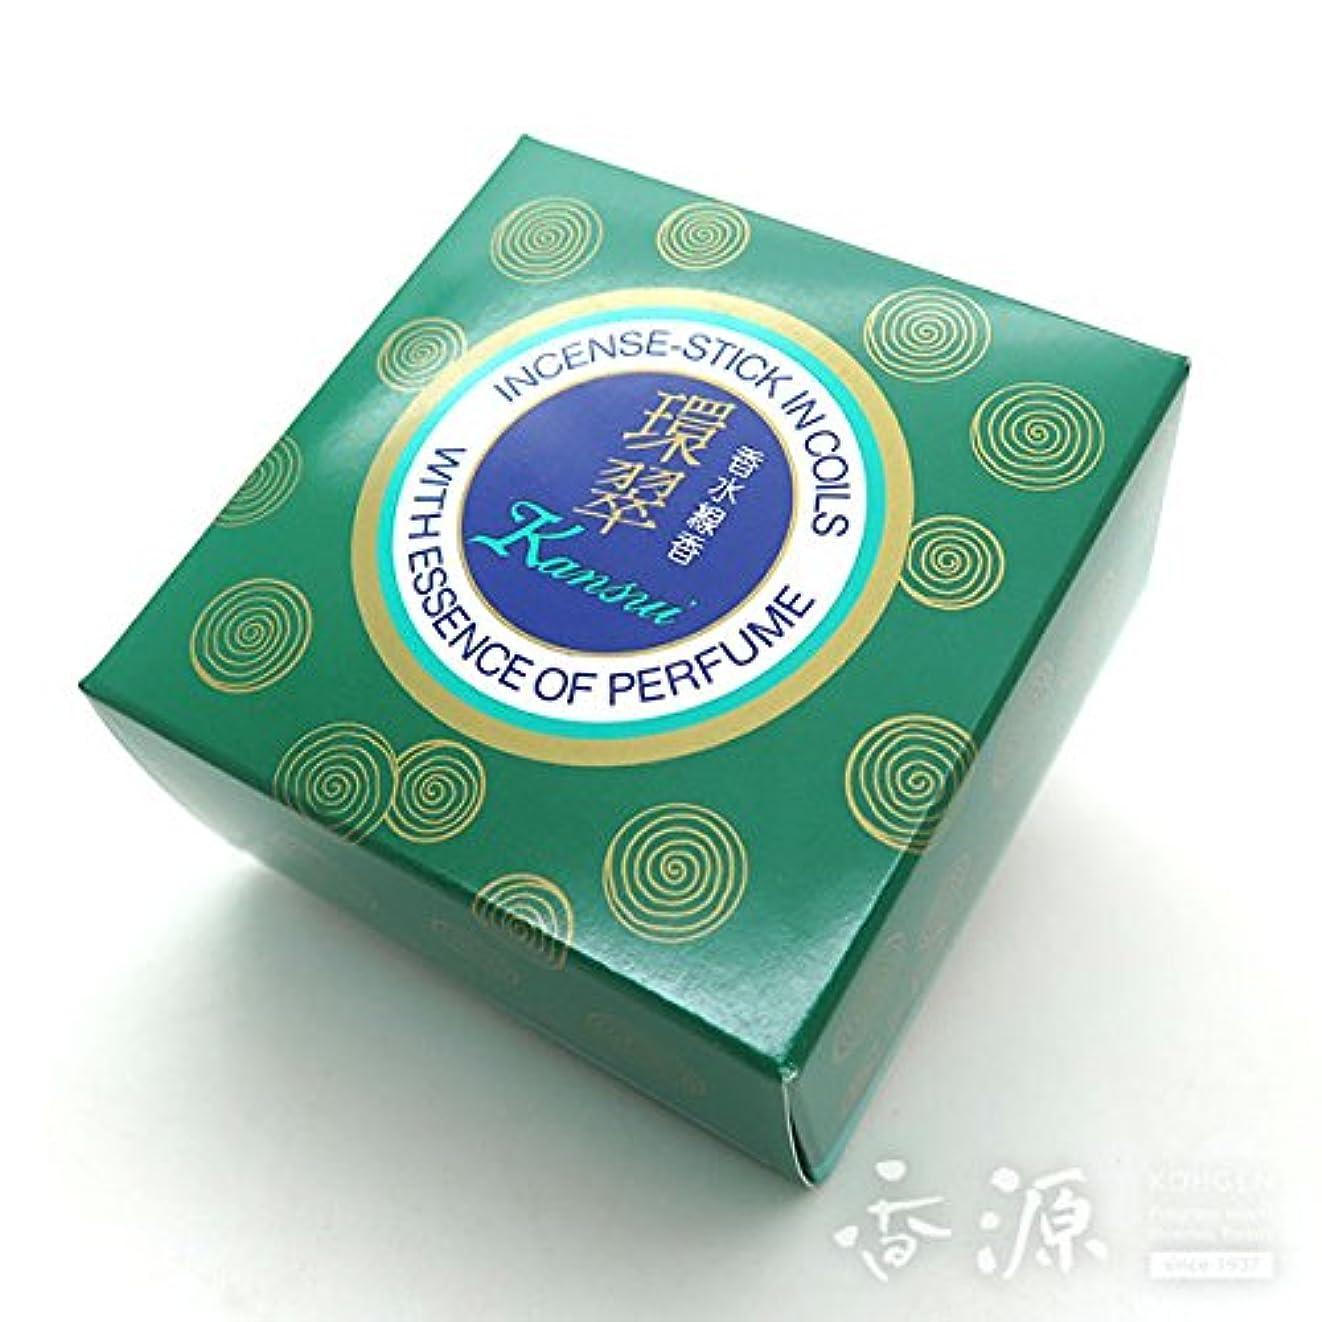 安いです中国気を散らす薫明堂のお香 環翠(かんすい) 渦巻 14枚入